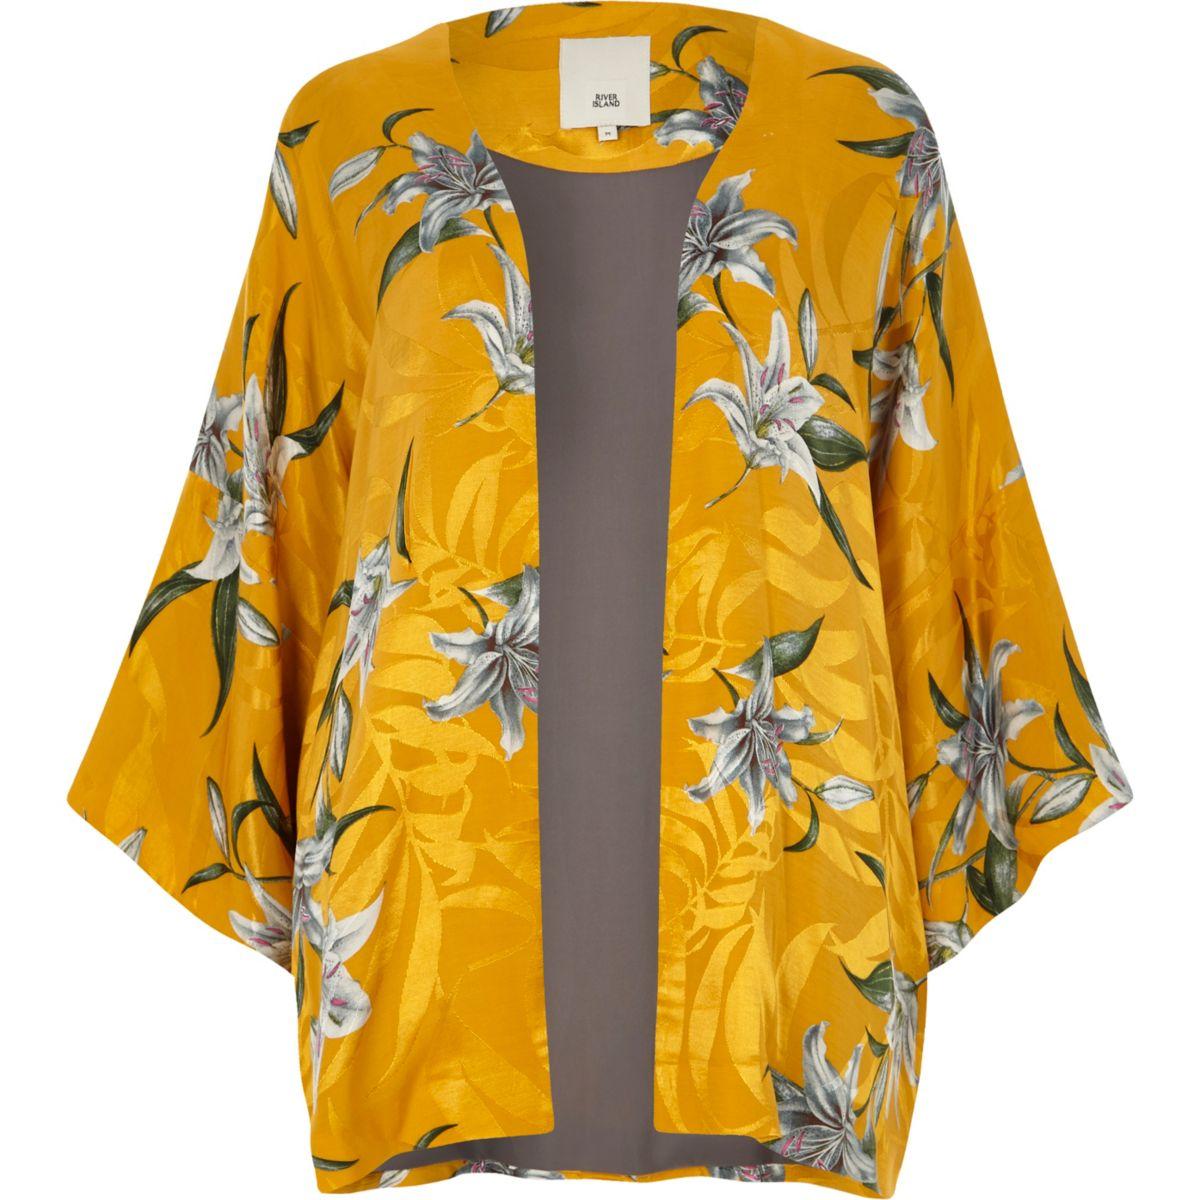 Yellow Jacquard Floral Print Kimono                                  Yellow Jacquard Floral Print Kimono                                    Yellow Frill Hem Floral Print Shorts                                    Yellow Frill Hem Floral Print Shorts    ... by River Island